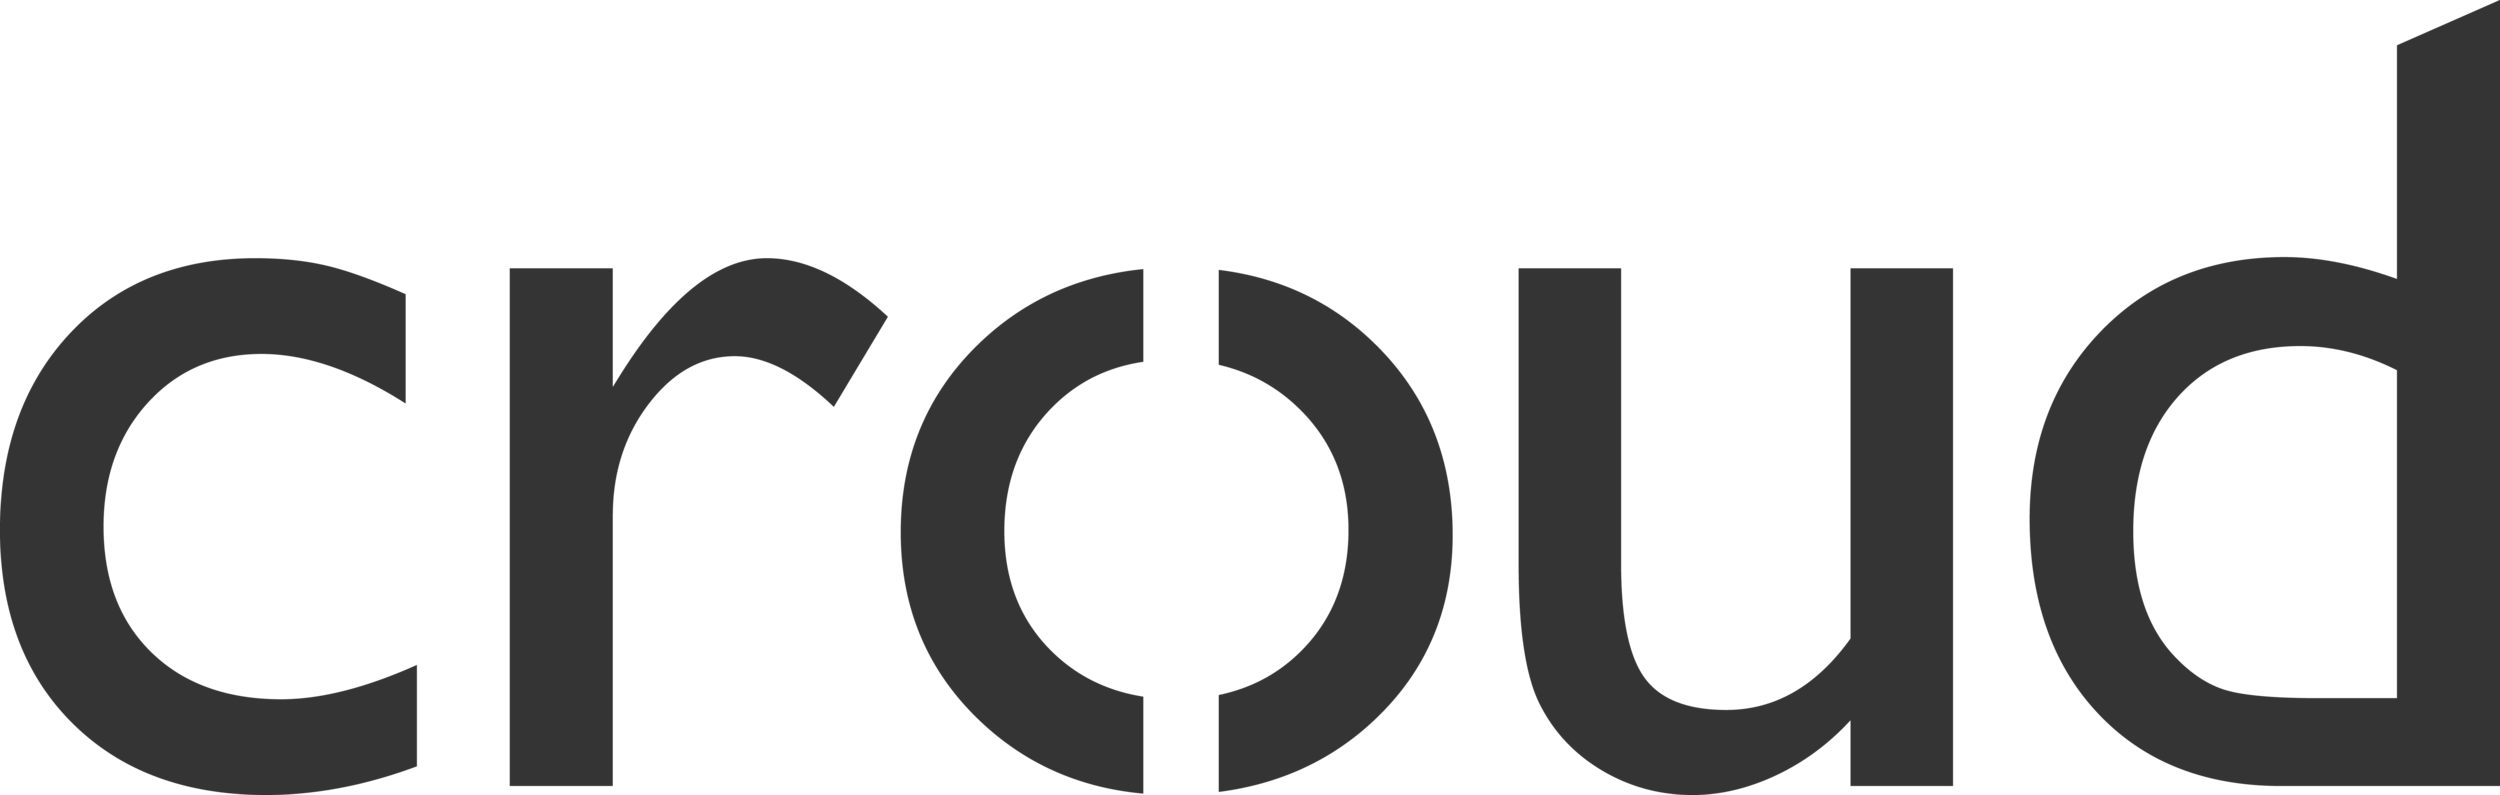 Croud_Logo_Black_Large.png